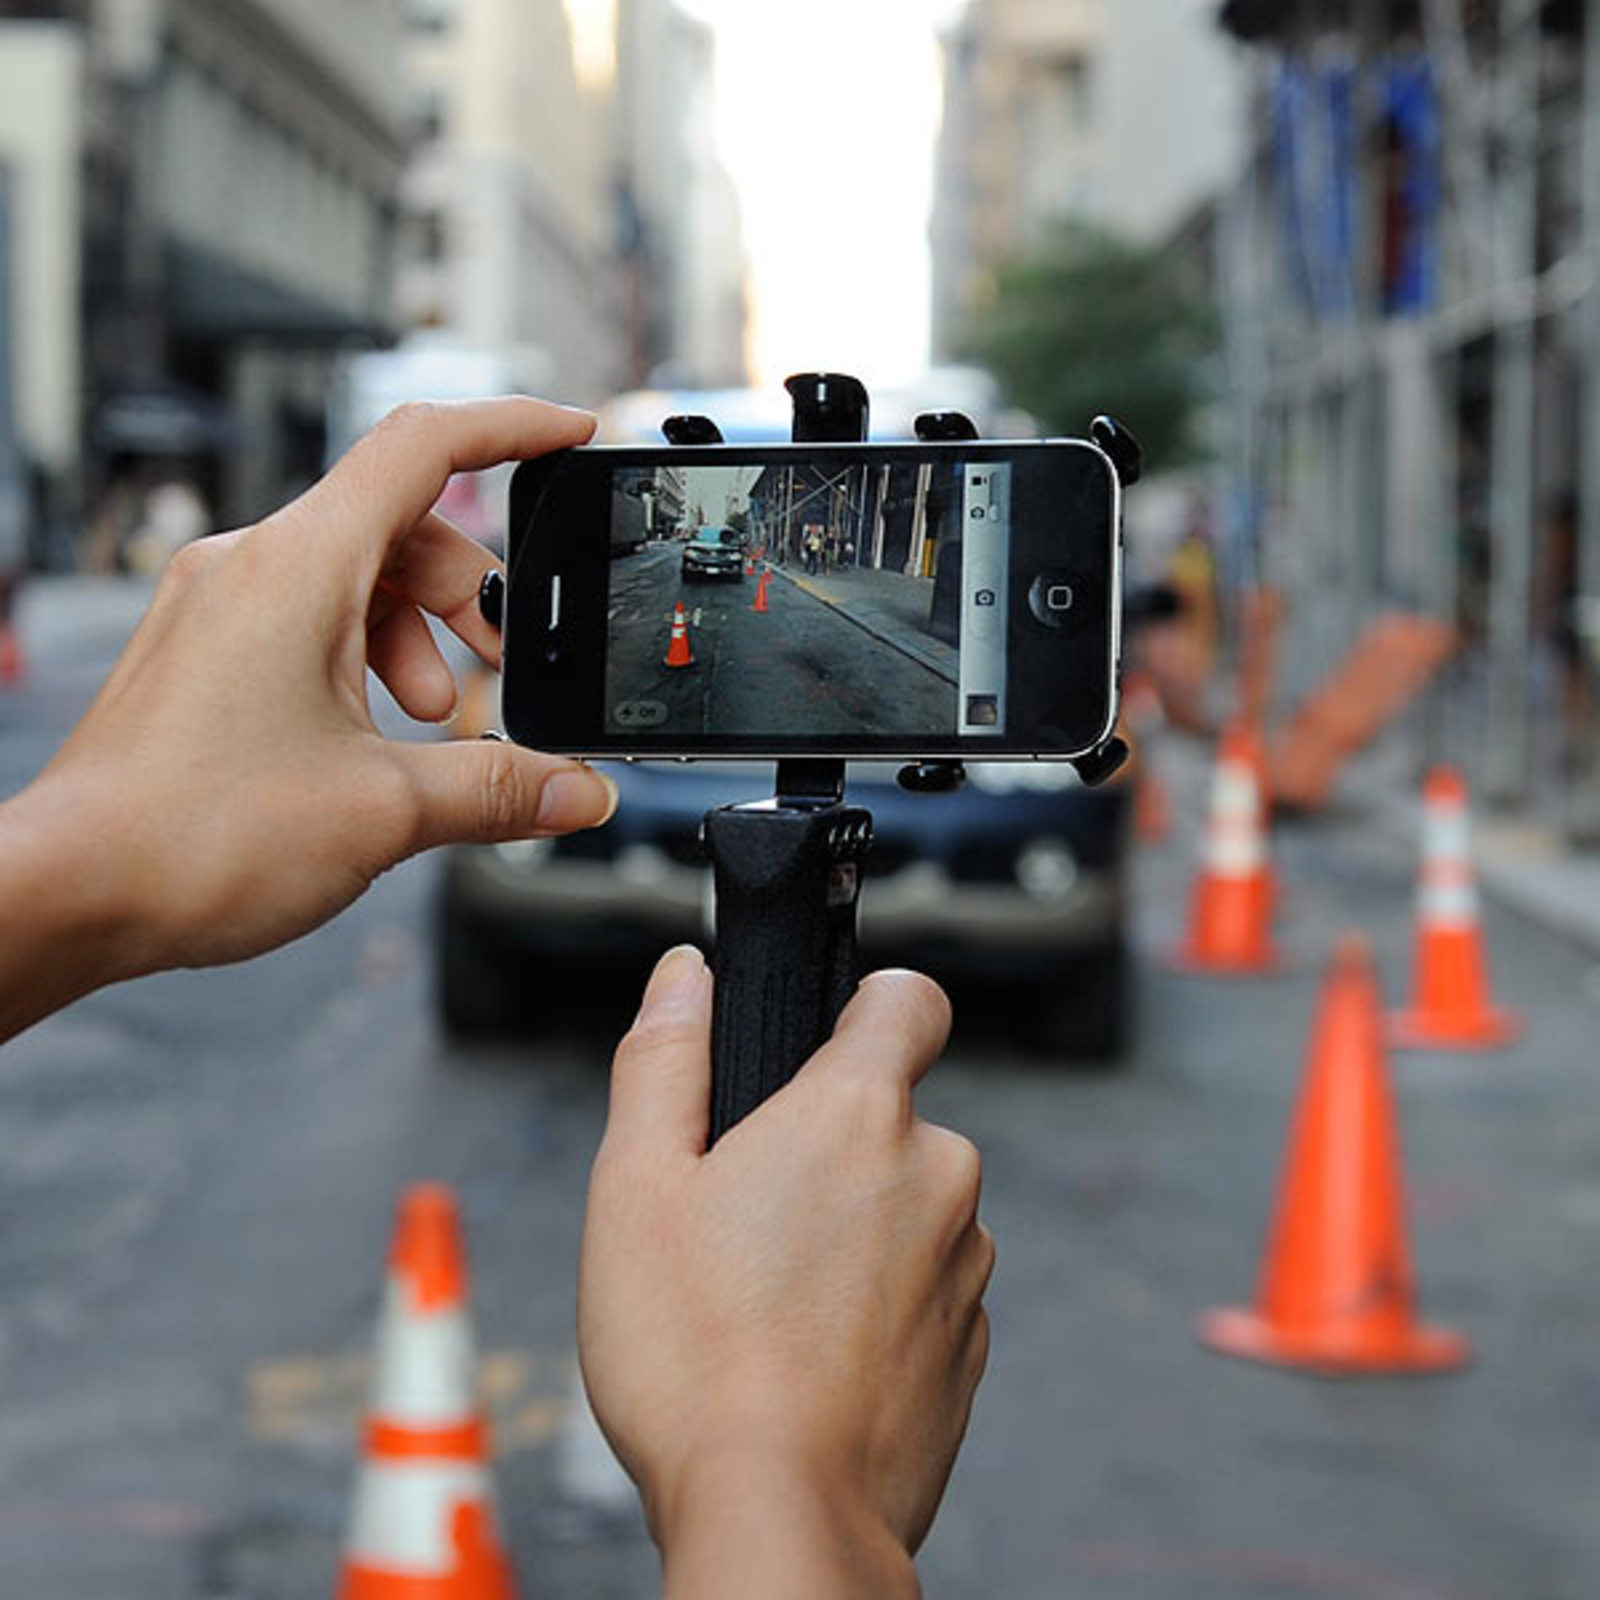 чувак с кучей фотоаппаратов фоткает на мобилу - 6